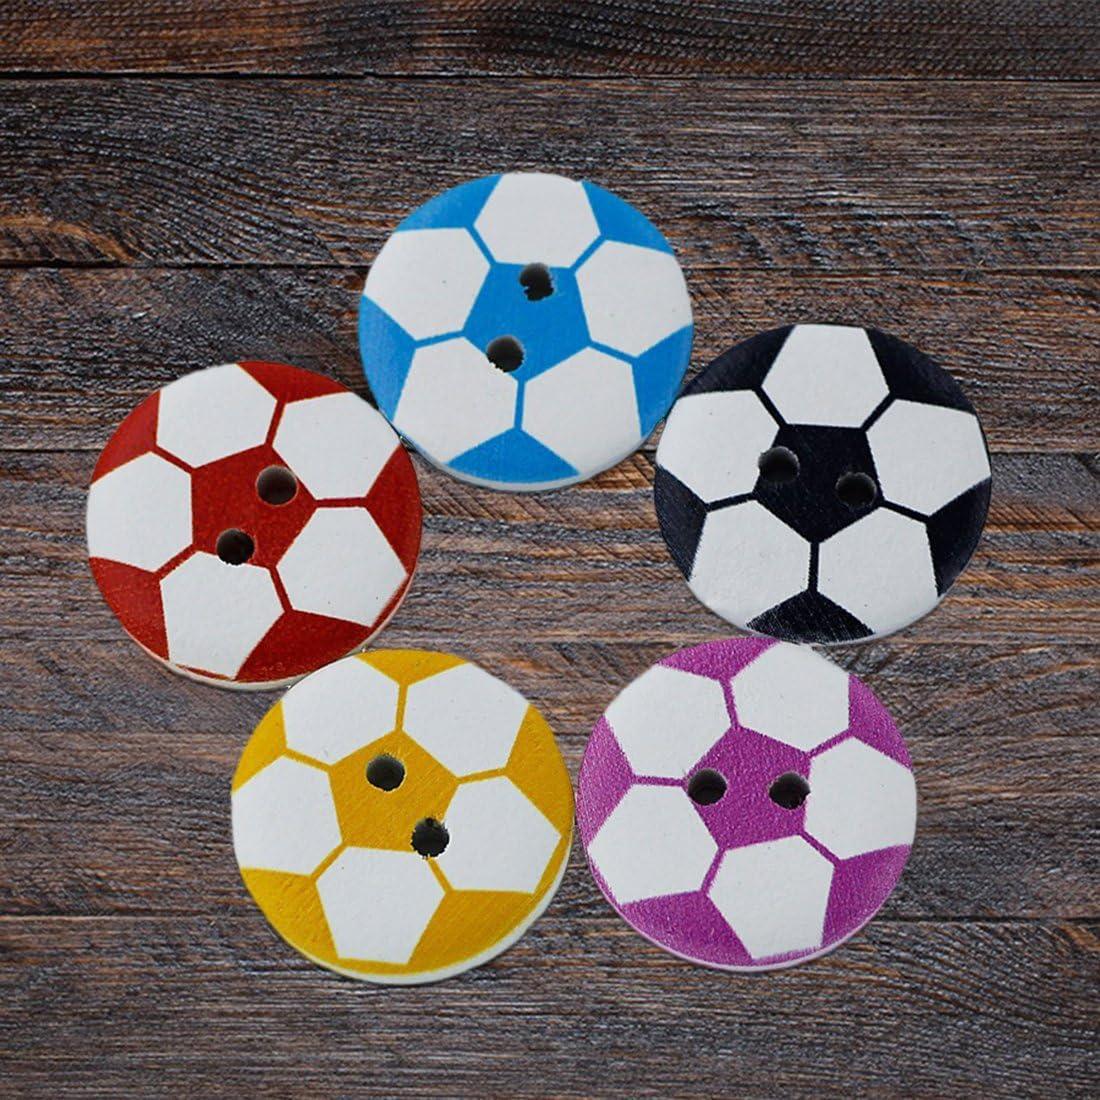 TOOGOO 100 pezzi Bottoni da cucire in legno a forma di pallone da calcio con 2 fori arrotondati per artigianato